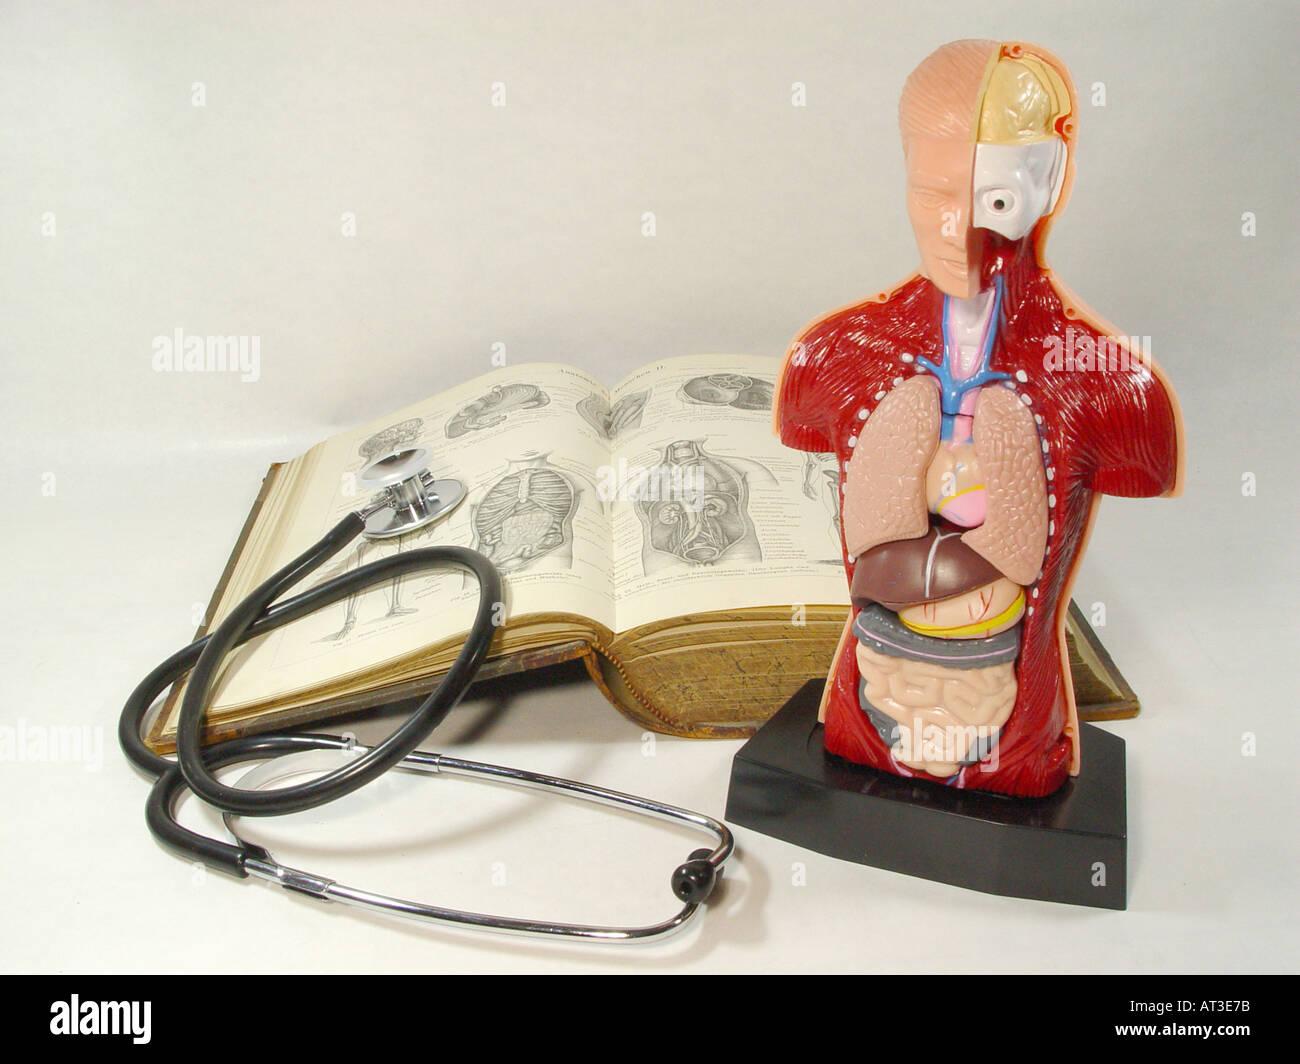 Anatomie-Modell des menschlichen Körpers mit einem alten Medizin ...